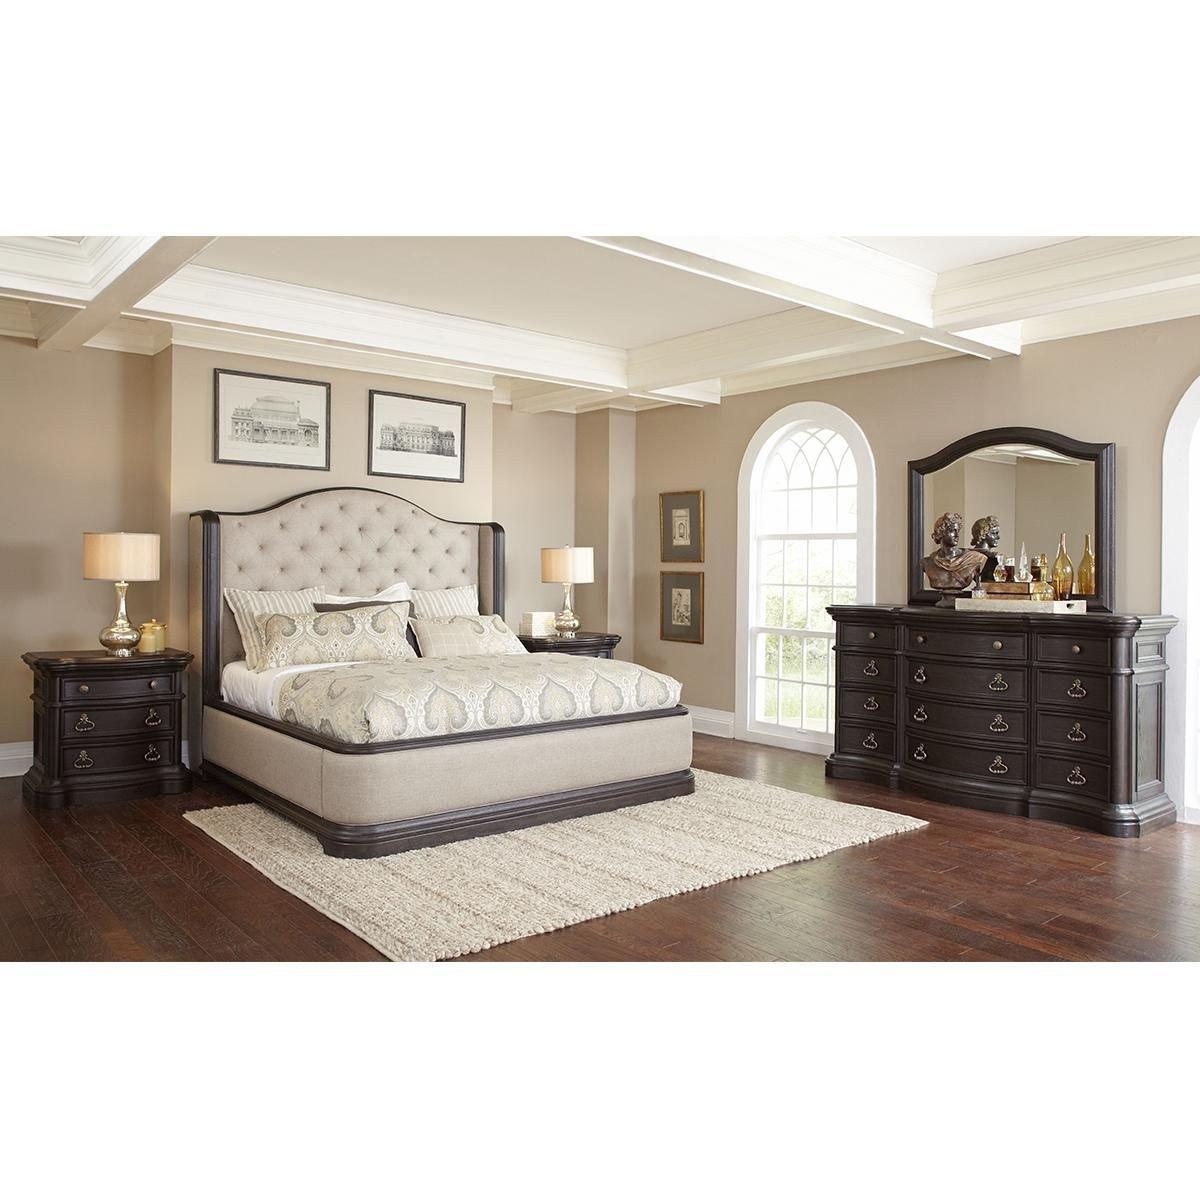 Bedroom Furniture Set King New Nineteen37 Ravena 4 Piece King Bedroom Set In Root Beer